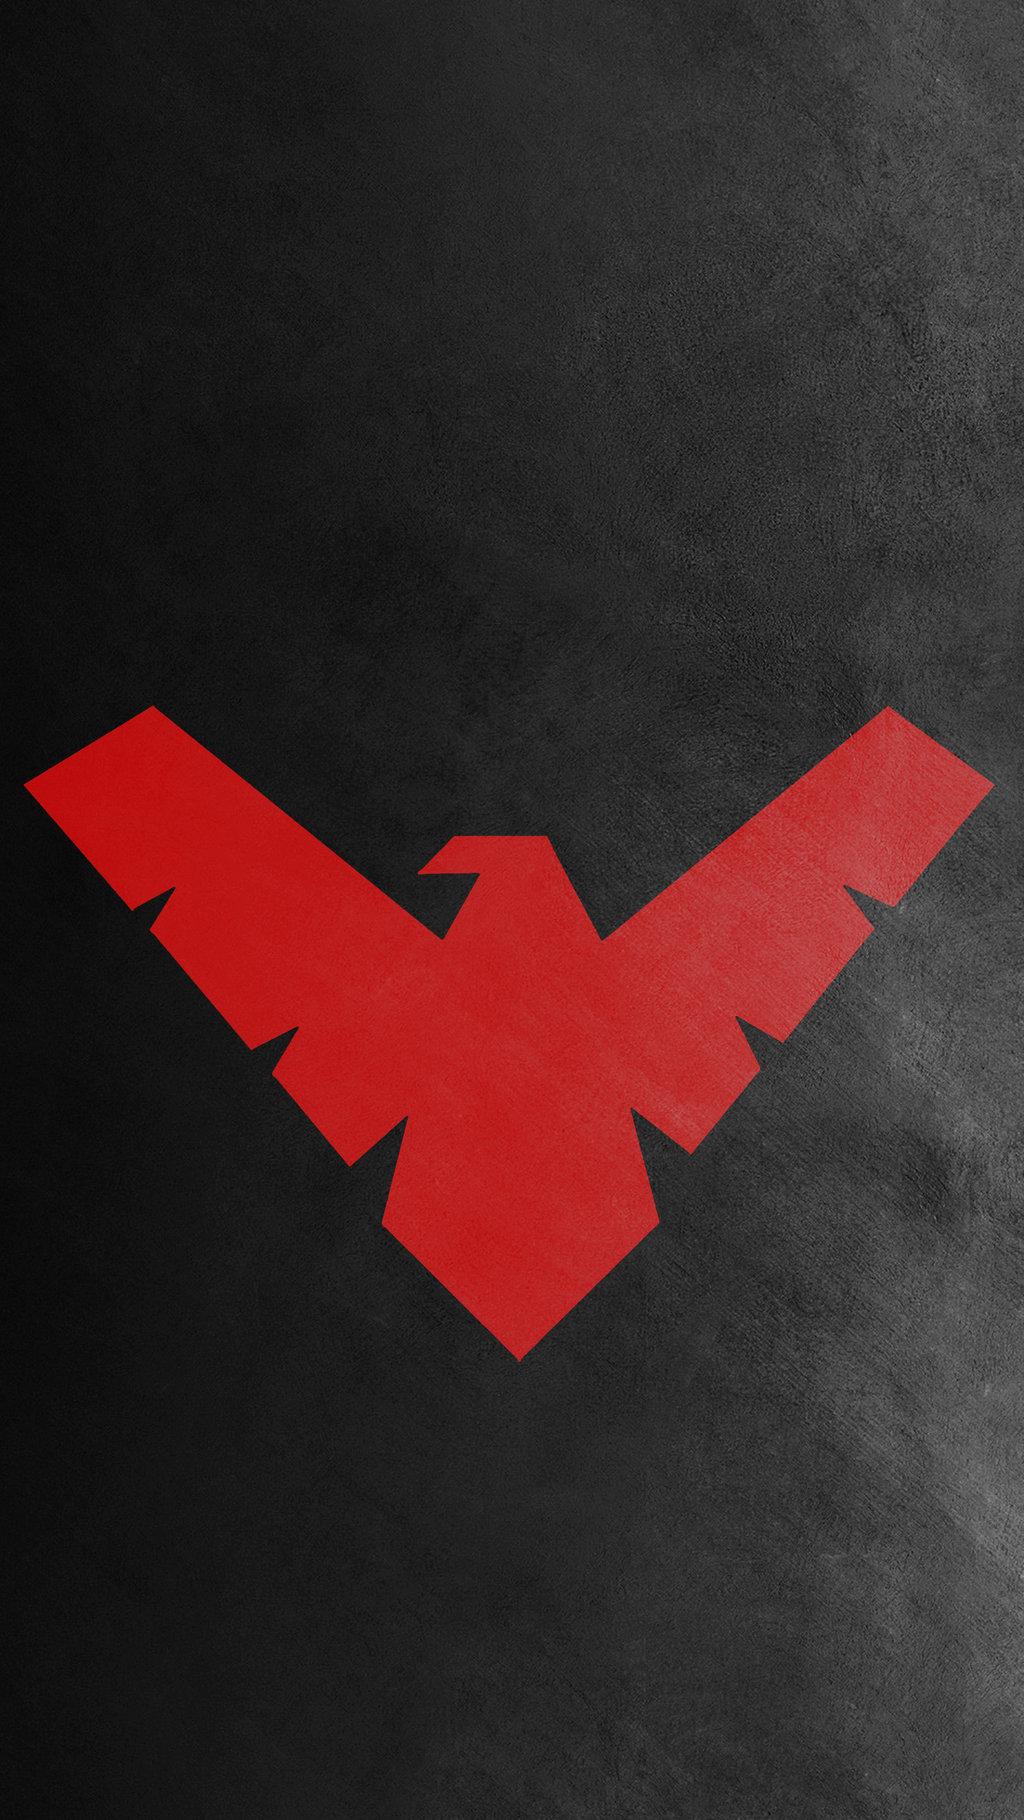 Nightwing Red Logo Wallpaper 1024x1820